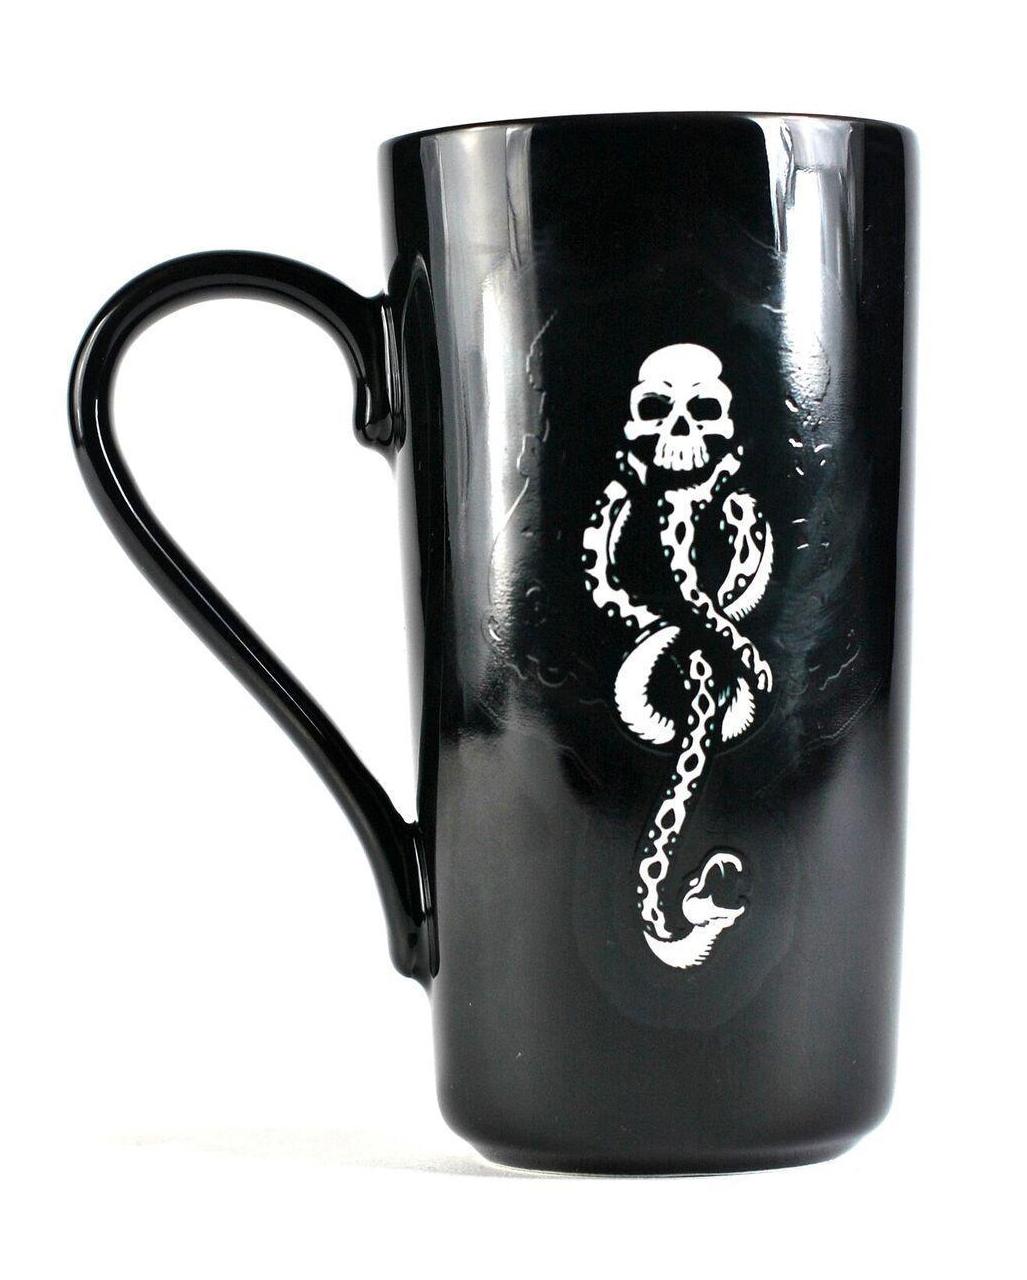 harry potter glam mug voldemort as a present horror. Black Bedroom Furniture Sets. Home Design Ideas